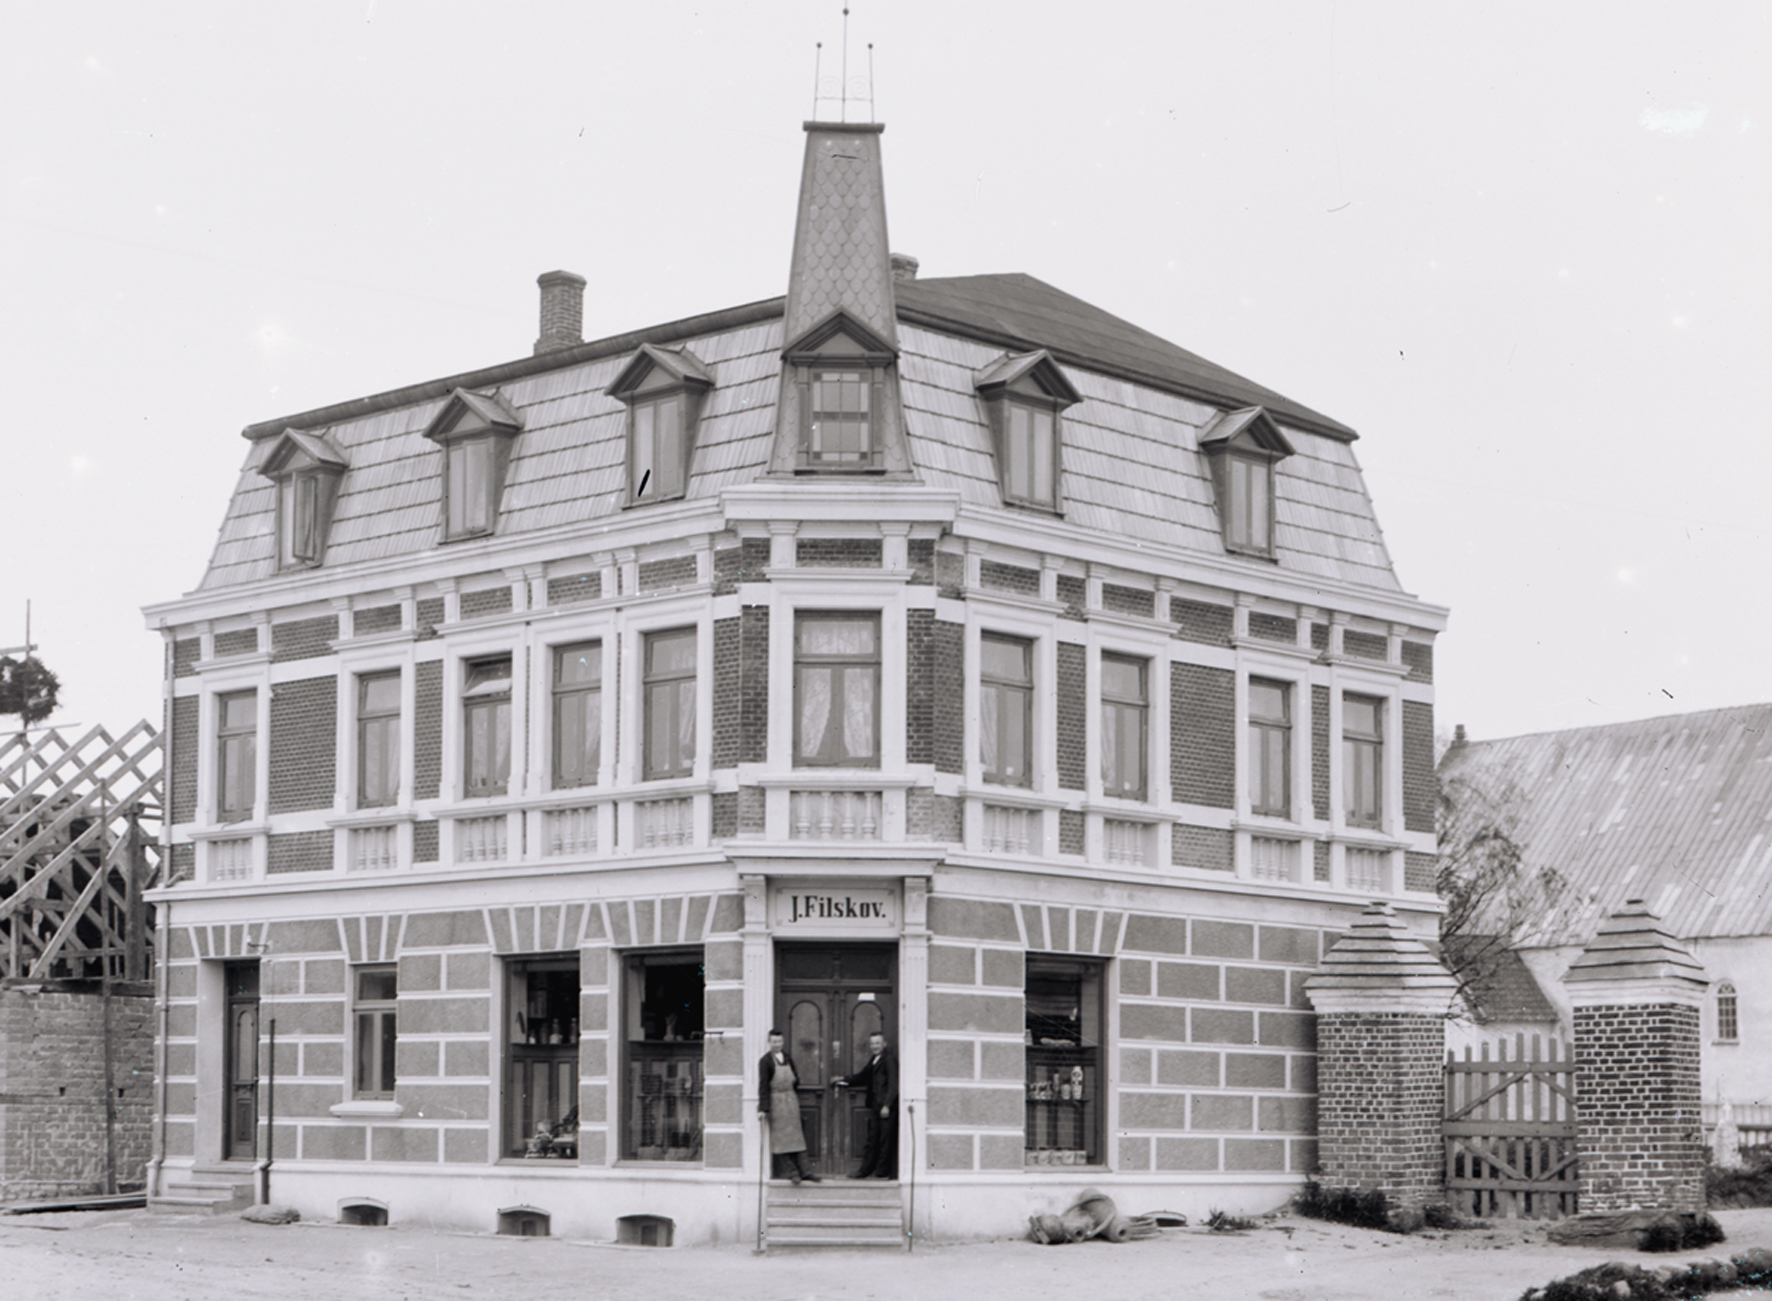 9. marts 1915. Købmand Filskov i Møgeltønder rost af amtsforstanderen